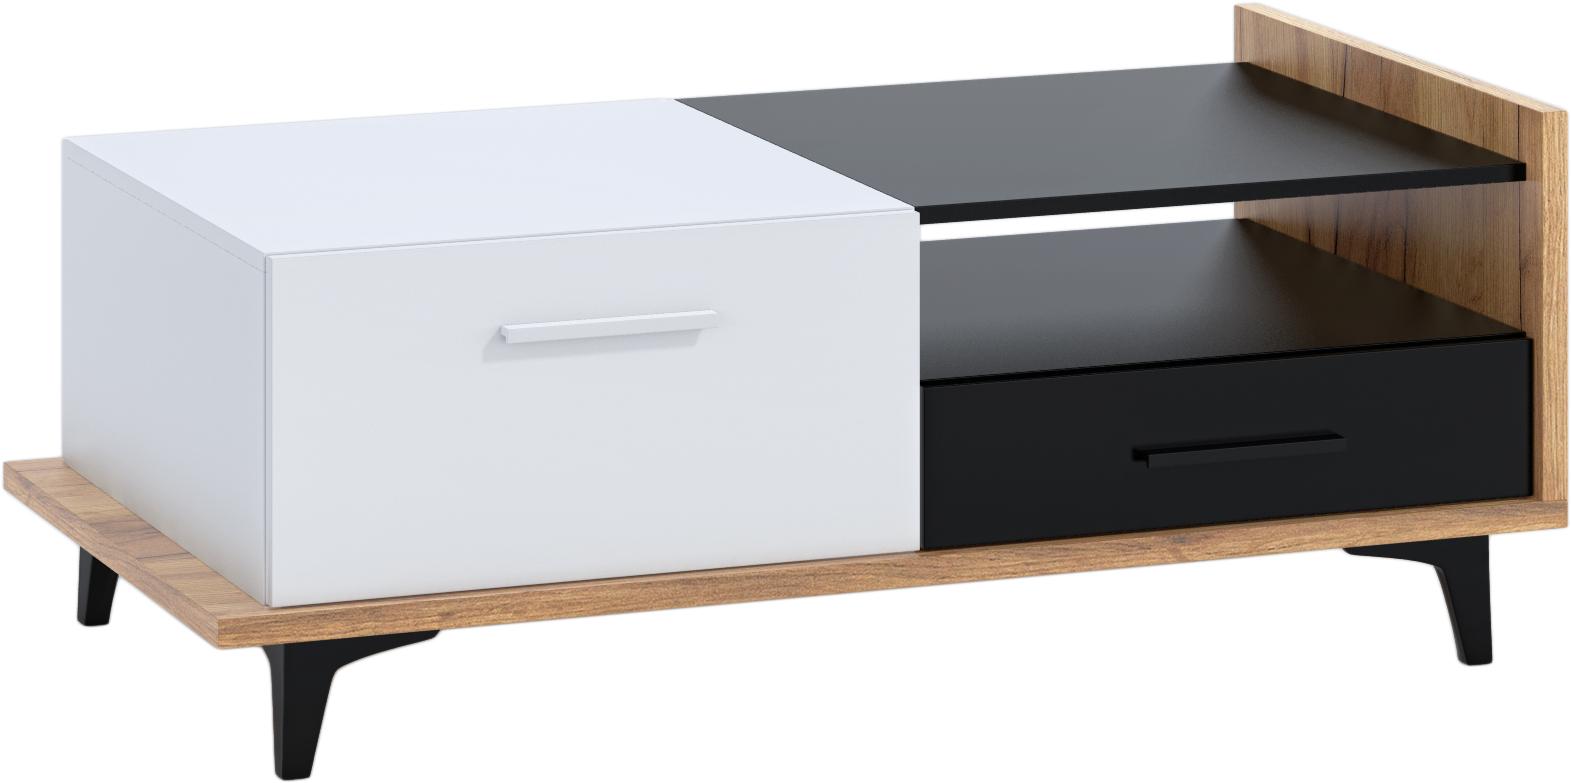 WIP Konferenčný stolík 2D2S BOX-03 Farba: craft zlatý / biela / čierna